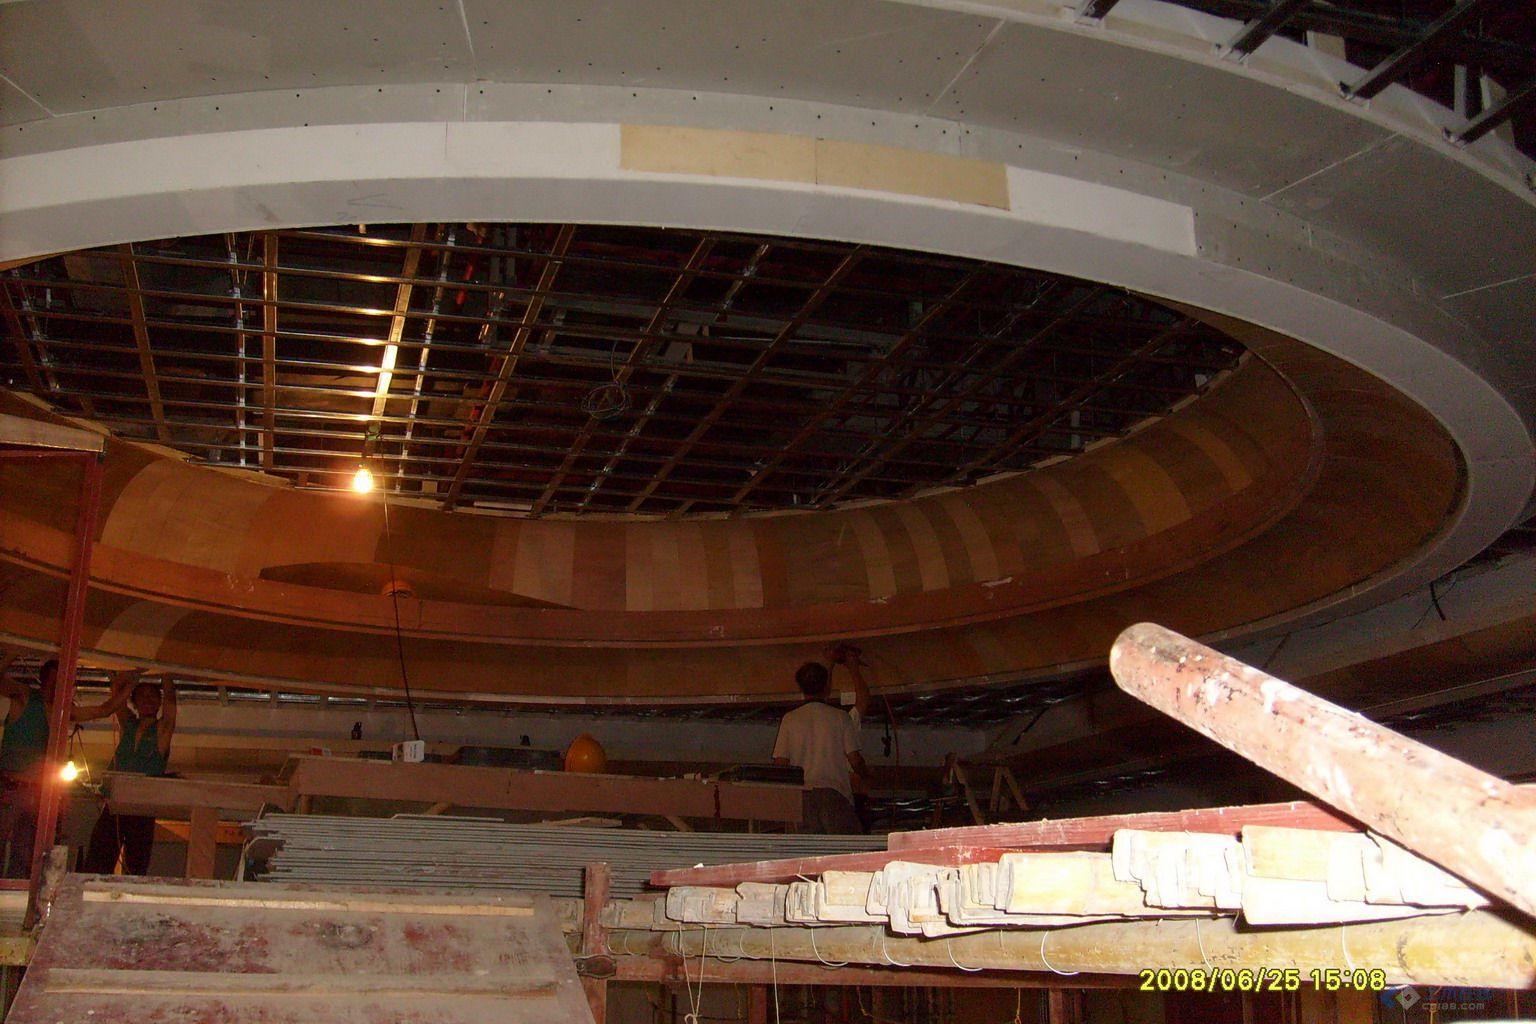 3.4 大面积施工前,应做样板间,对起拱 预留检修口等构造处理及固高清图片